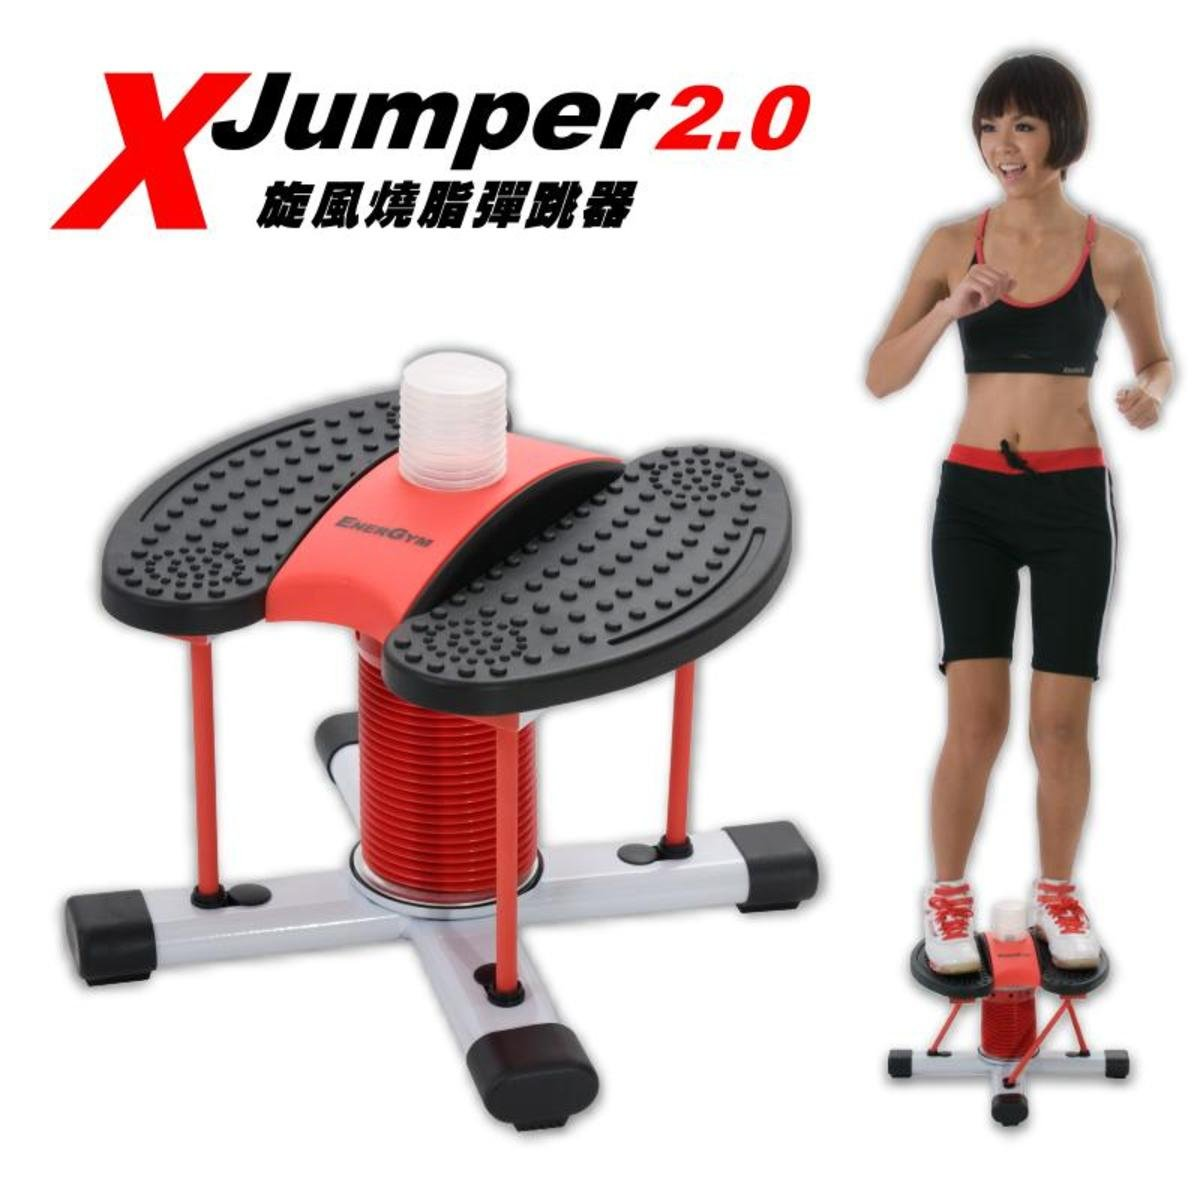 X-Jumper 2.0